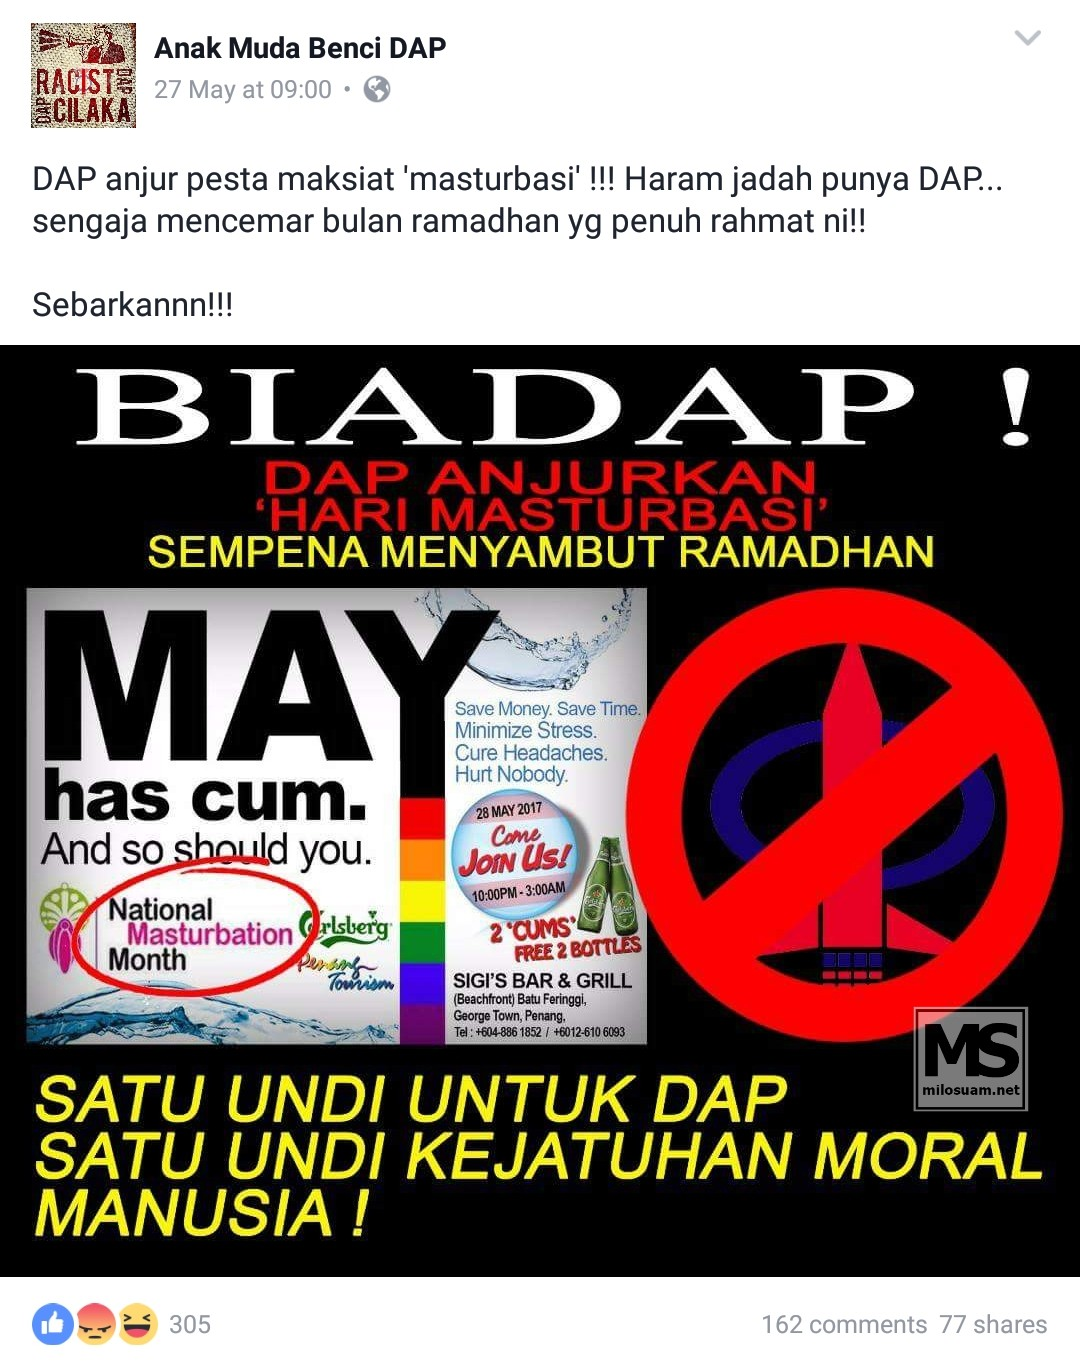 Download 66 Koleksi Gambar Facebook Ramadhan  Gratis HD